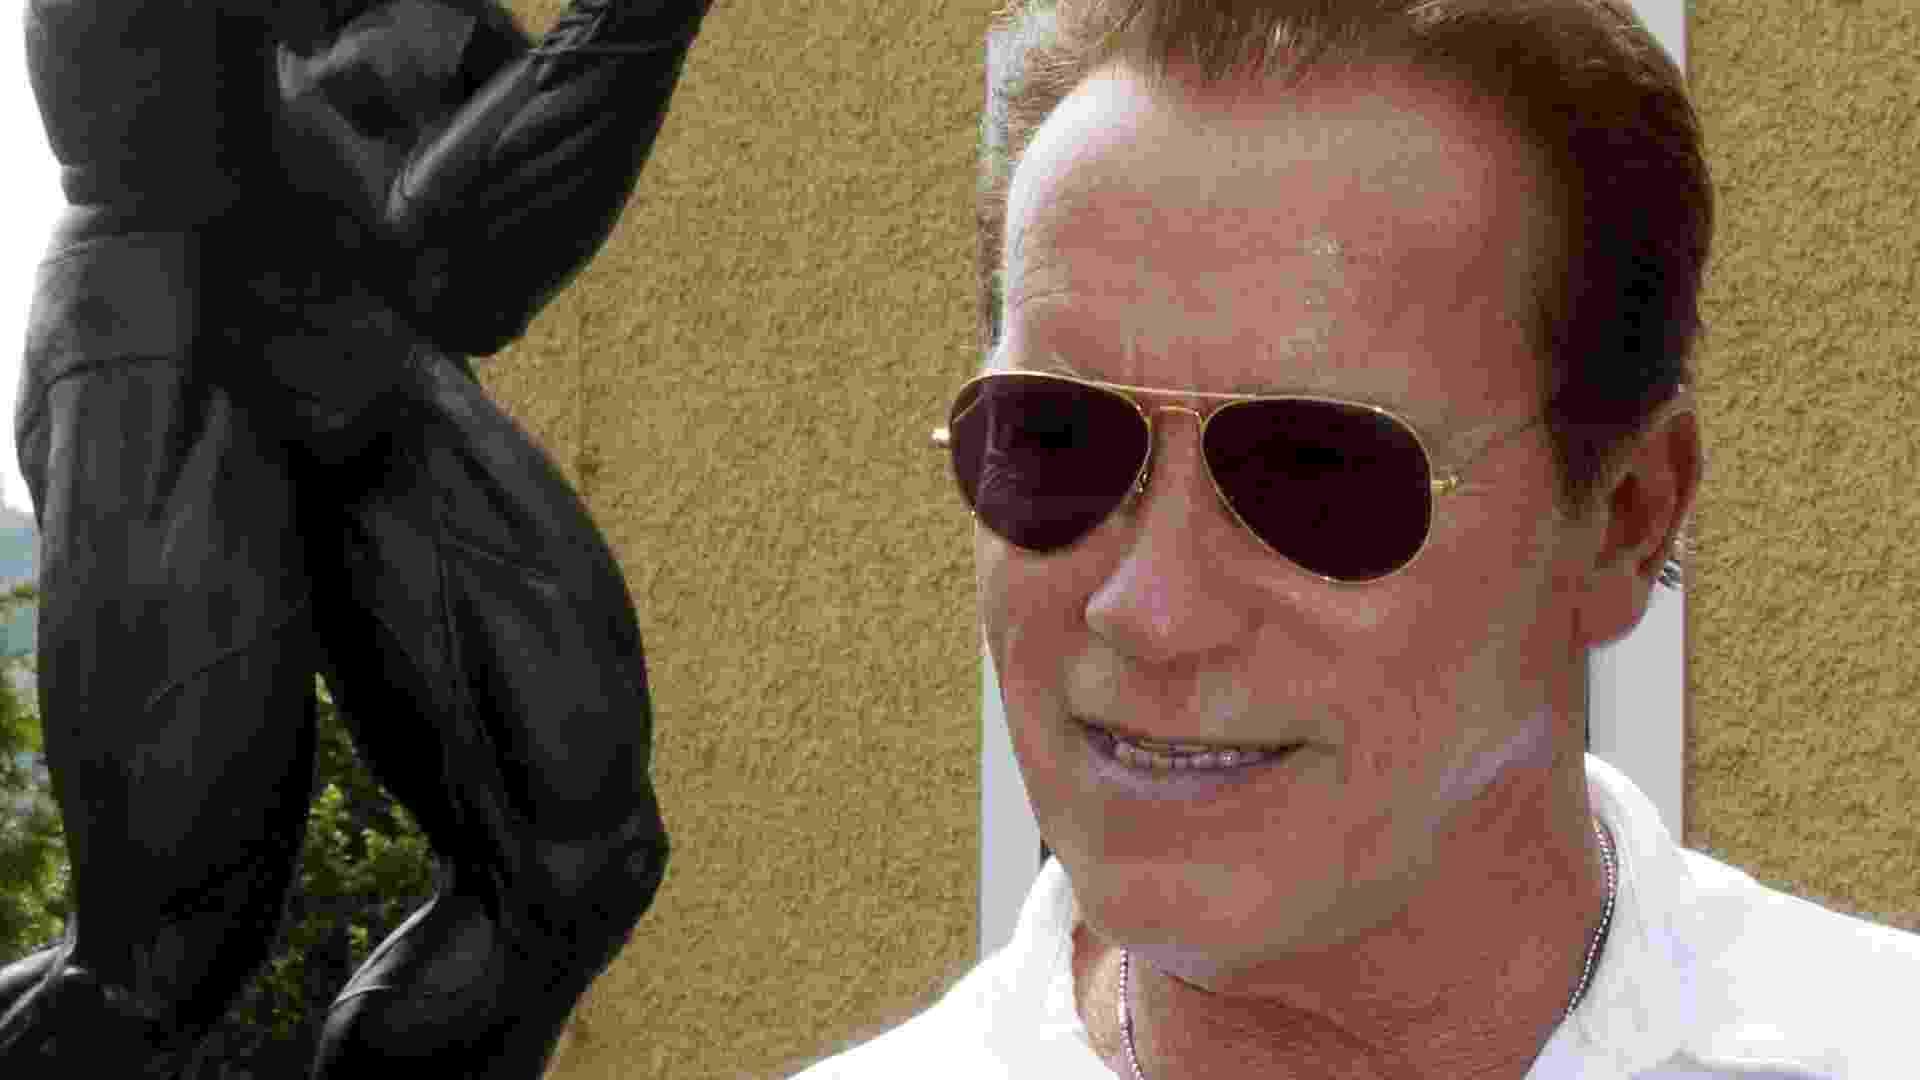 O ator Arnold Schwarzenneger visita museu na Áustria, sua cidade natal, em sua homenagem. Atrás do ator, escultura da época em que era fisiculturista (4/7/12) - EFE/Markus Leodolter